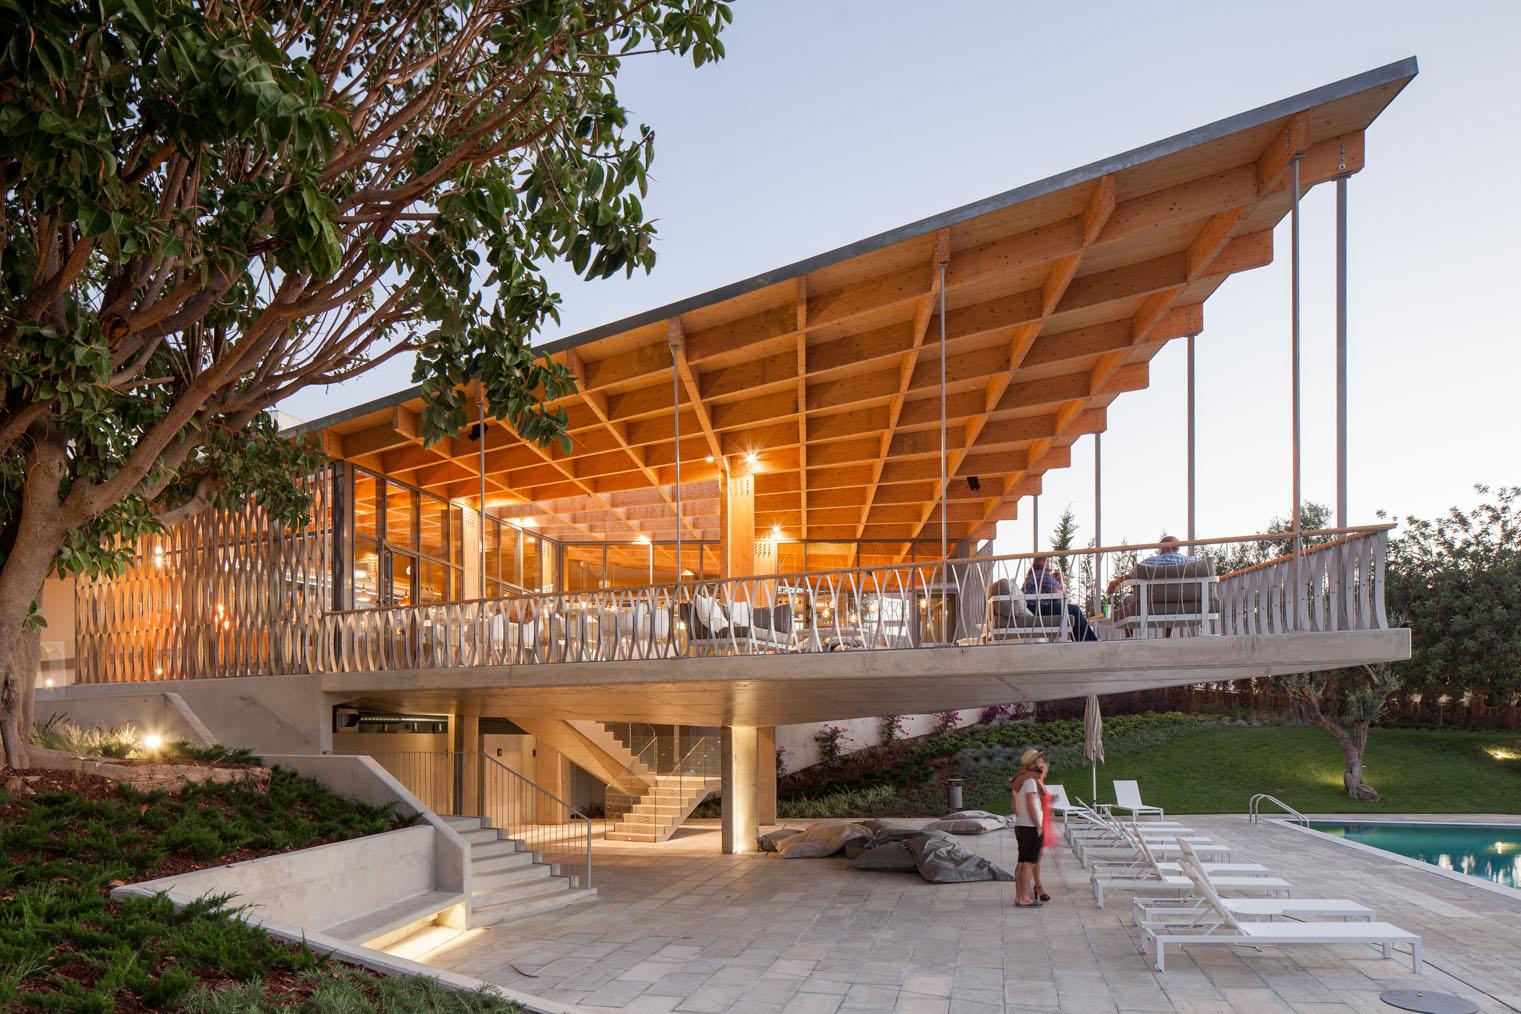 Los 10 mejores proyectos de arquitectura finalistas for Cubiertas para techos livianas